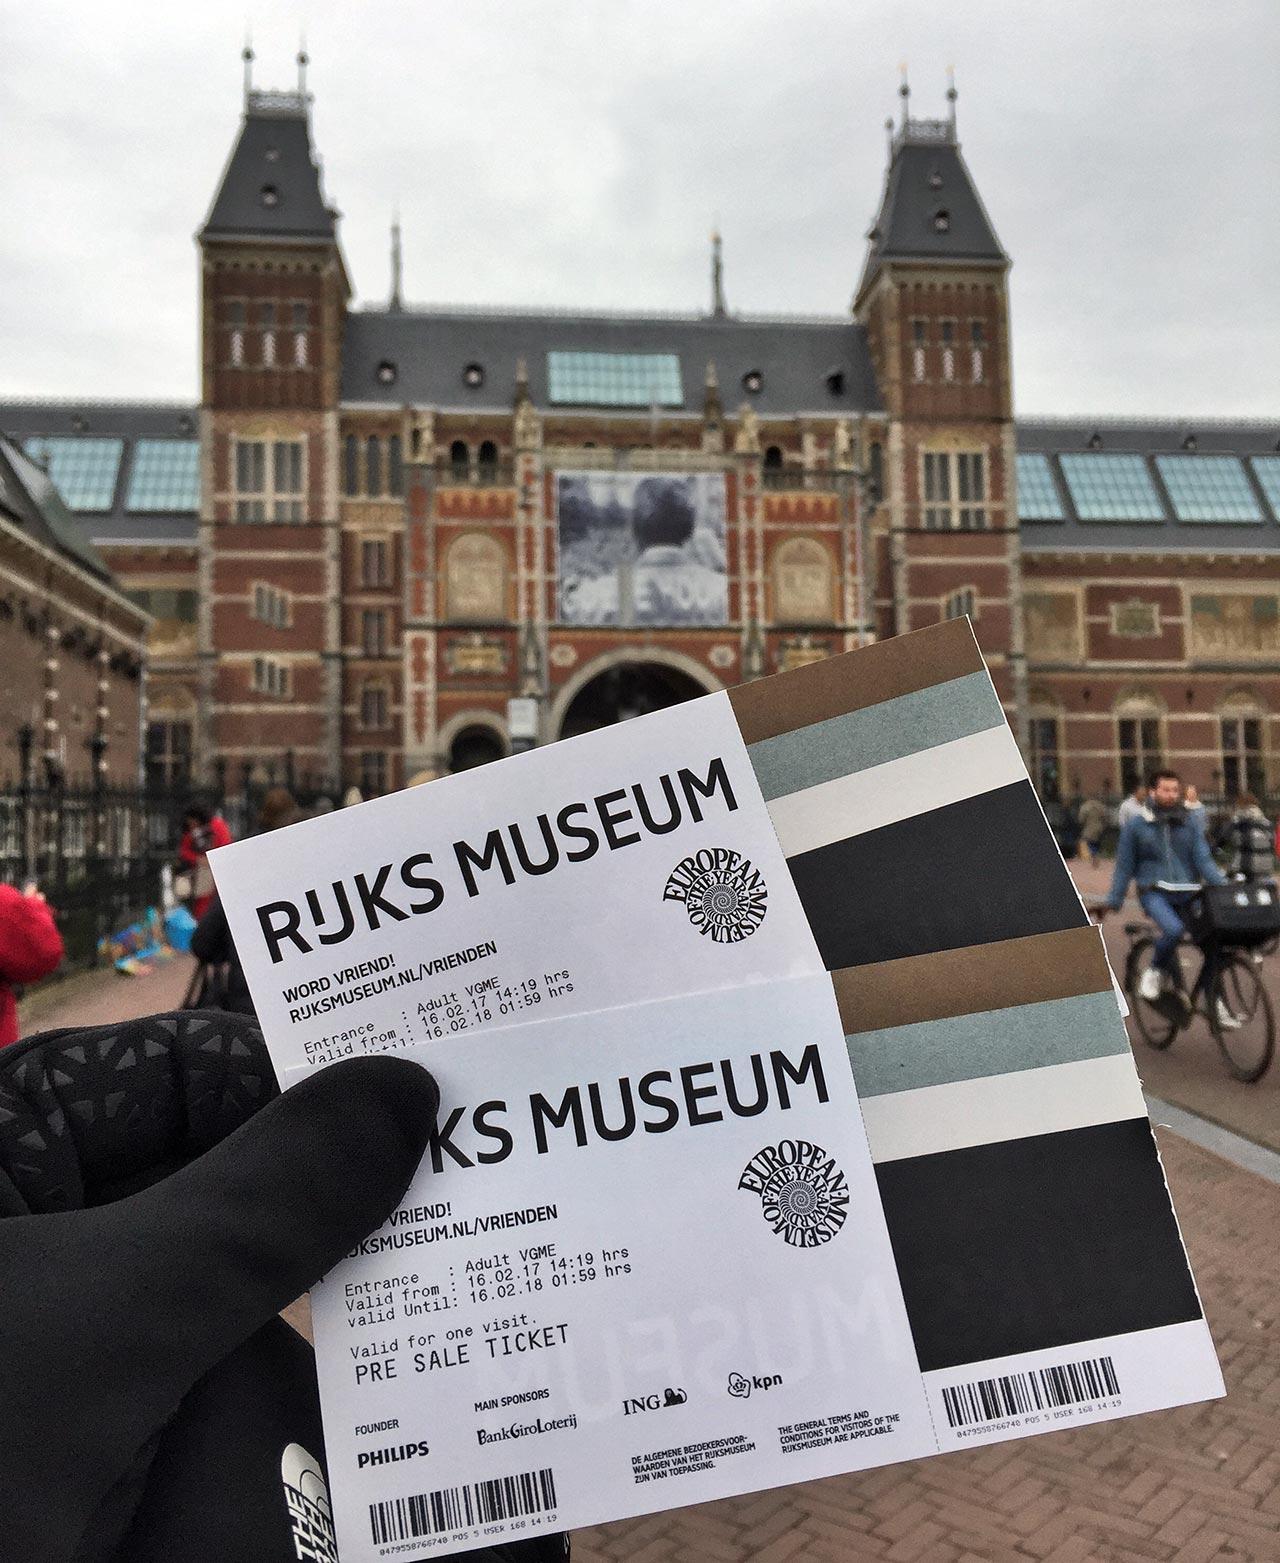 Eintrittskarte zum Rijksmuseum